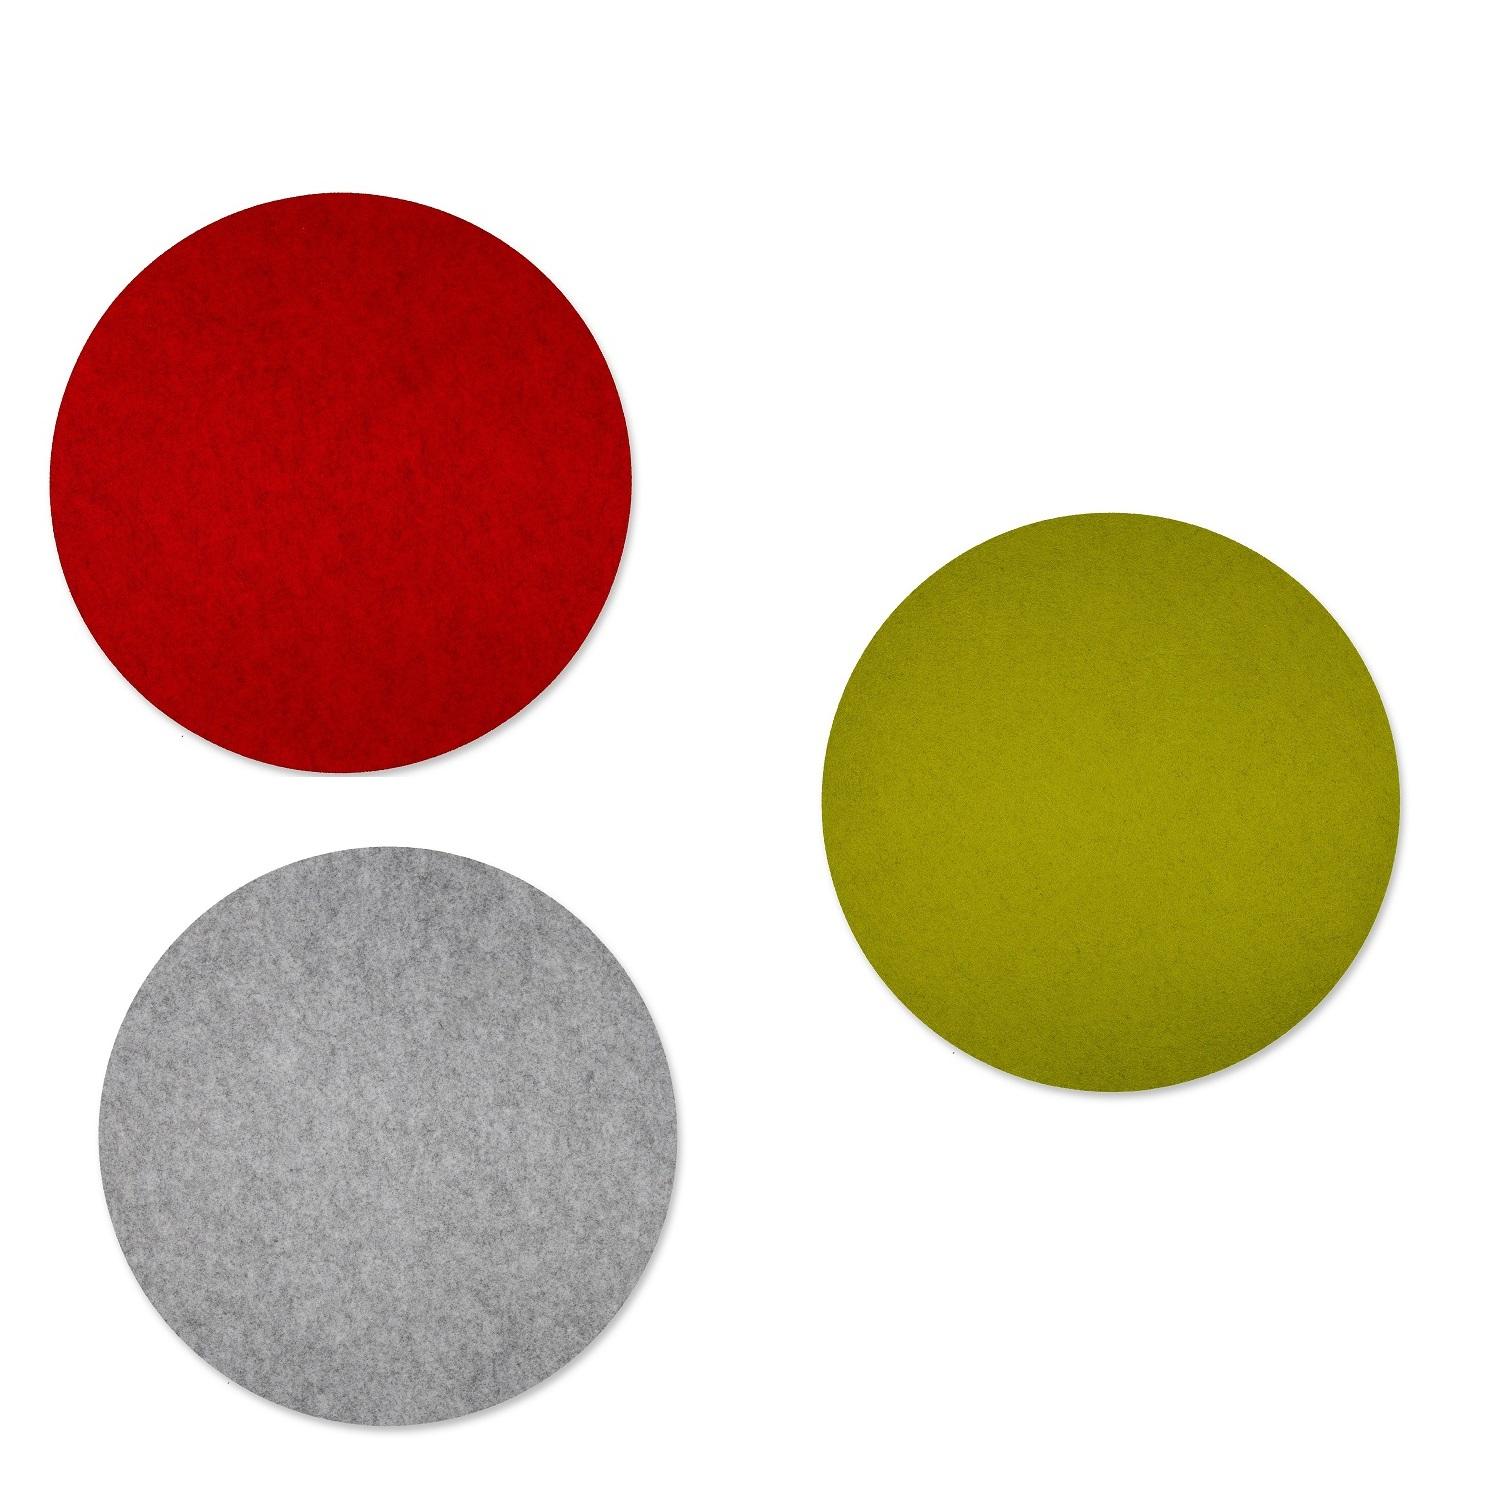 filz tischset rund 40cm in drei farben 4stk g nstig kaufen. Black Bedroom Furniture Sets. Home Design Ideas